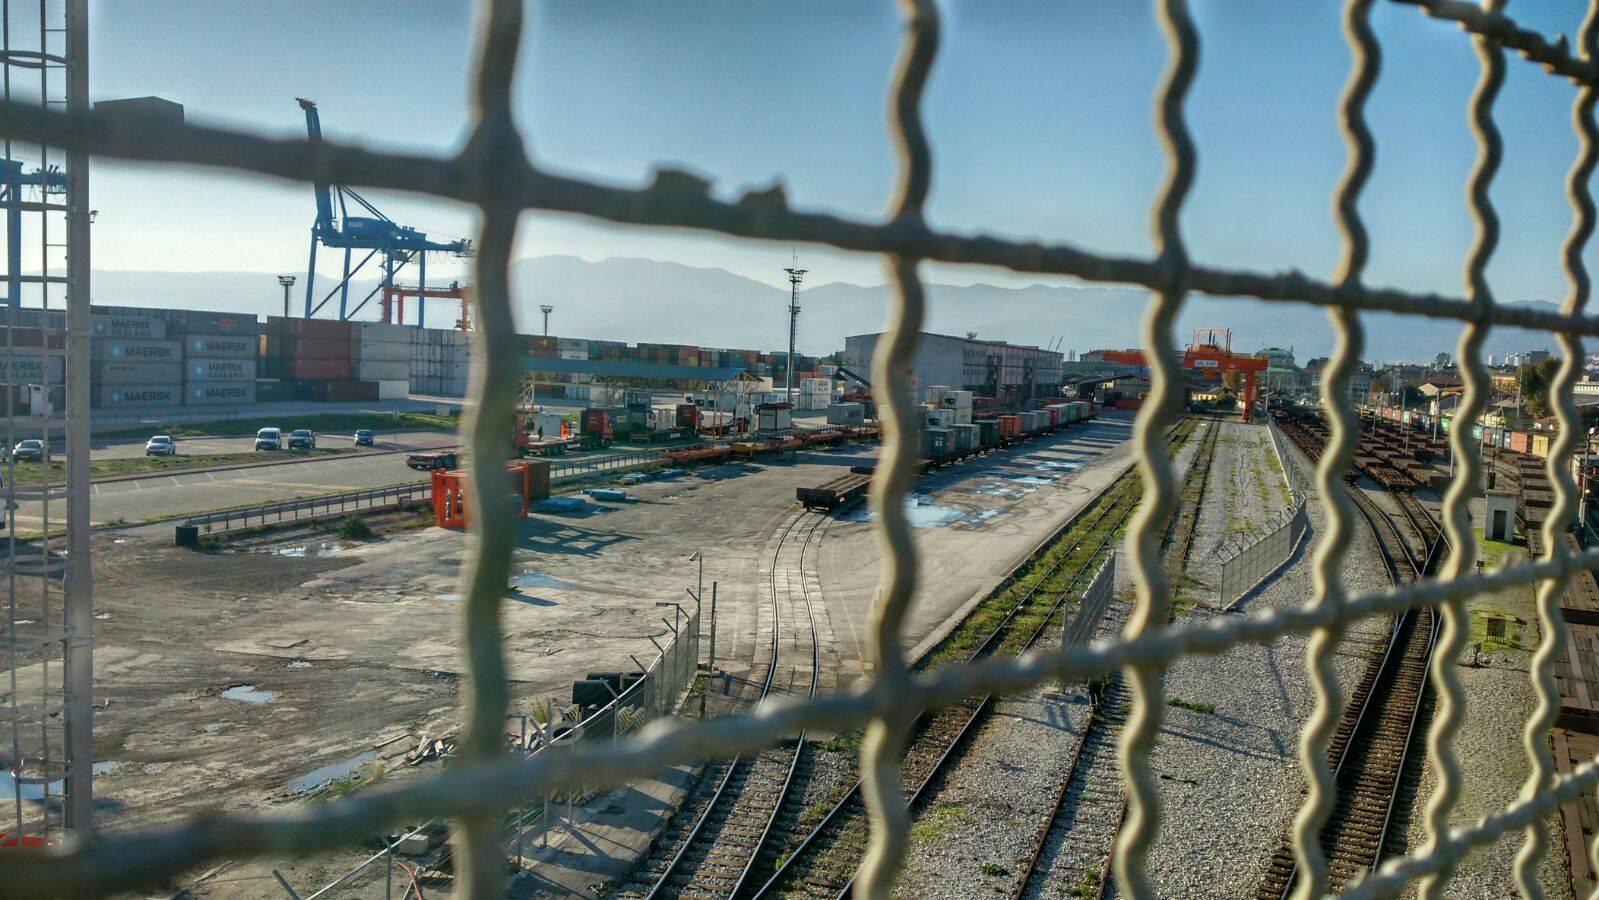 perle por el mundo8 - Elías Escribano llega al mar Adriático. Etapas 76-82 de Perlé por el Mundo